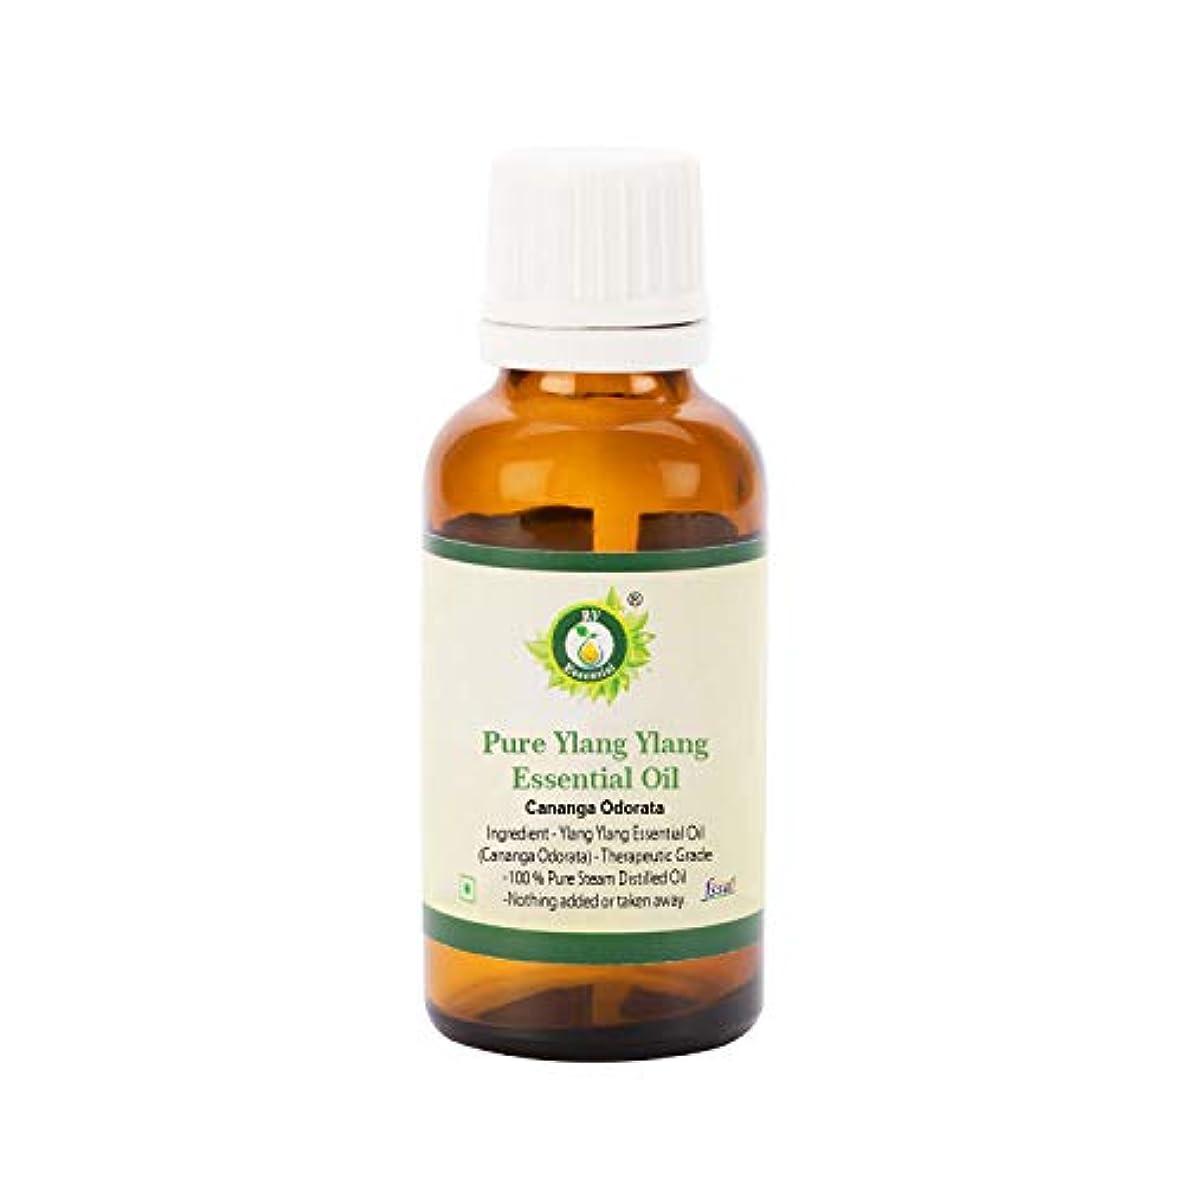 苦しめる悩み平方R V Essential ピュアイランイランエッセンシャルオイル10ml (0.338oz)- Cananga Odorata (100%純粋&天然スチームDistilled) Pure Ylang Ylang Essential...